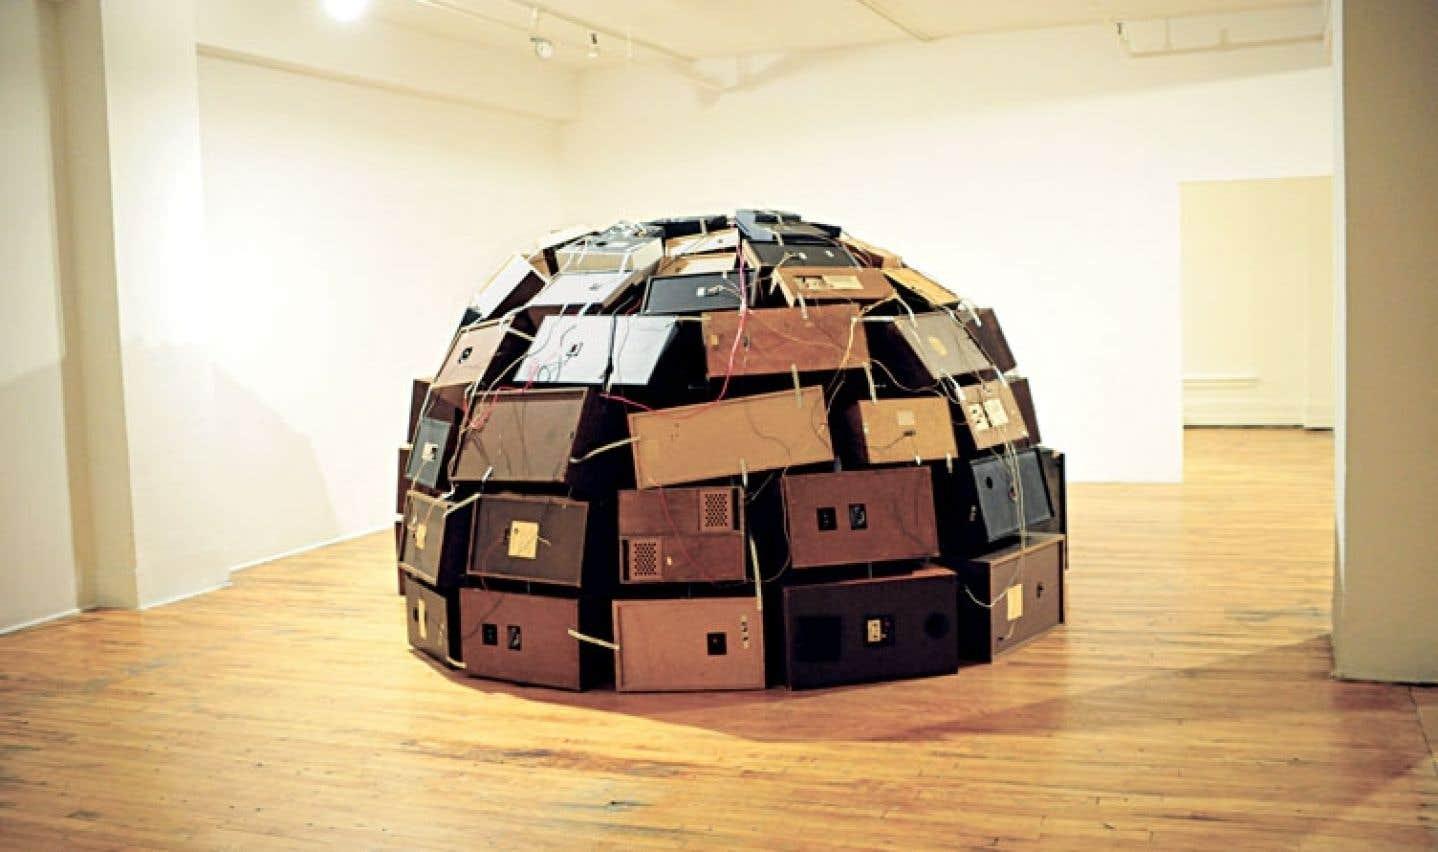 À la Place des Arts, on peut plonger dans Squeeeeque! L'igloo improbable, une installation interactive de la Montréalaise Alexis O'Hara, fait partie du parcours d'Art souterrain.